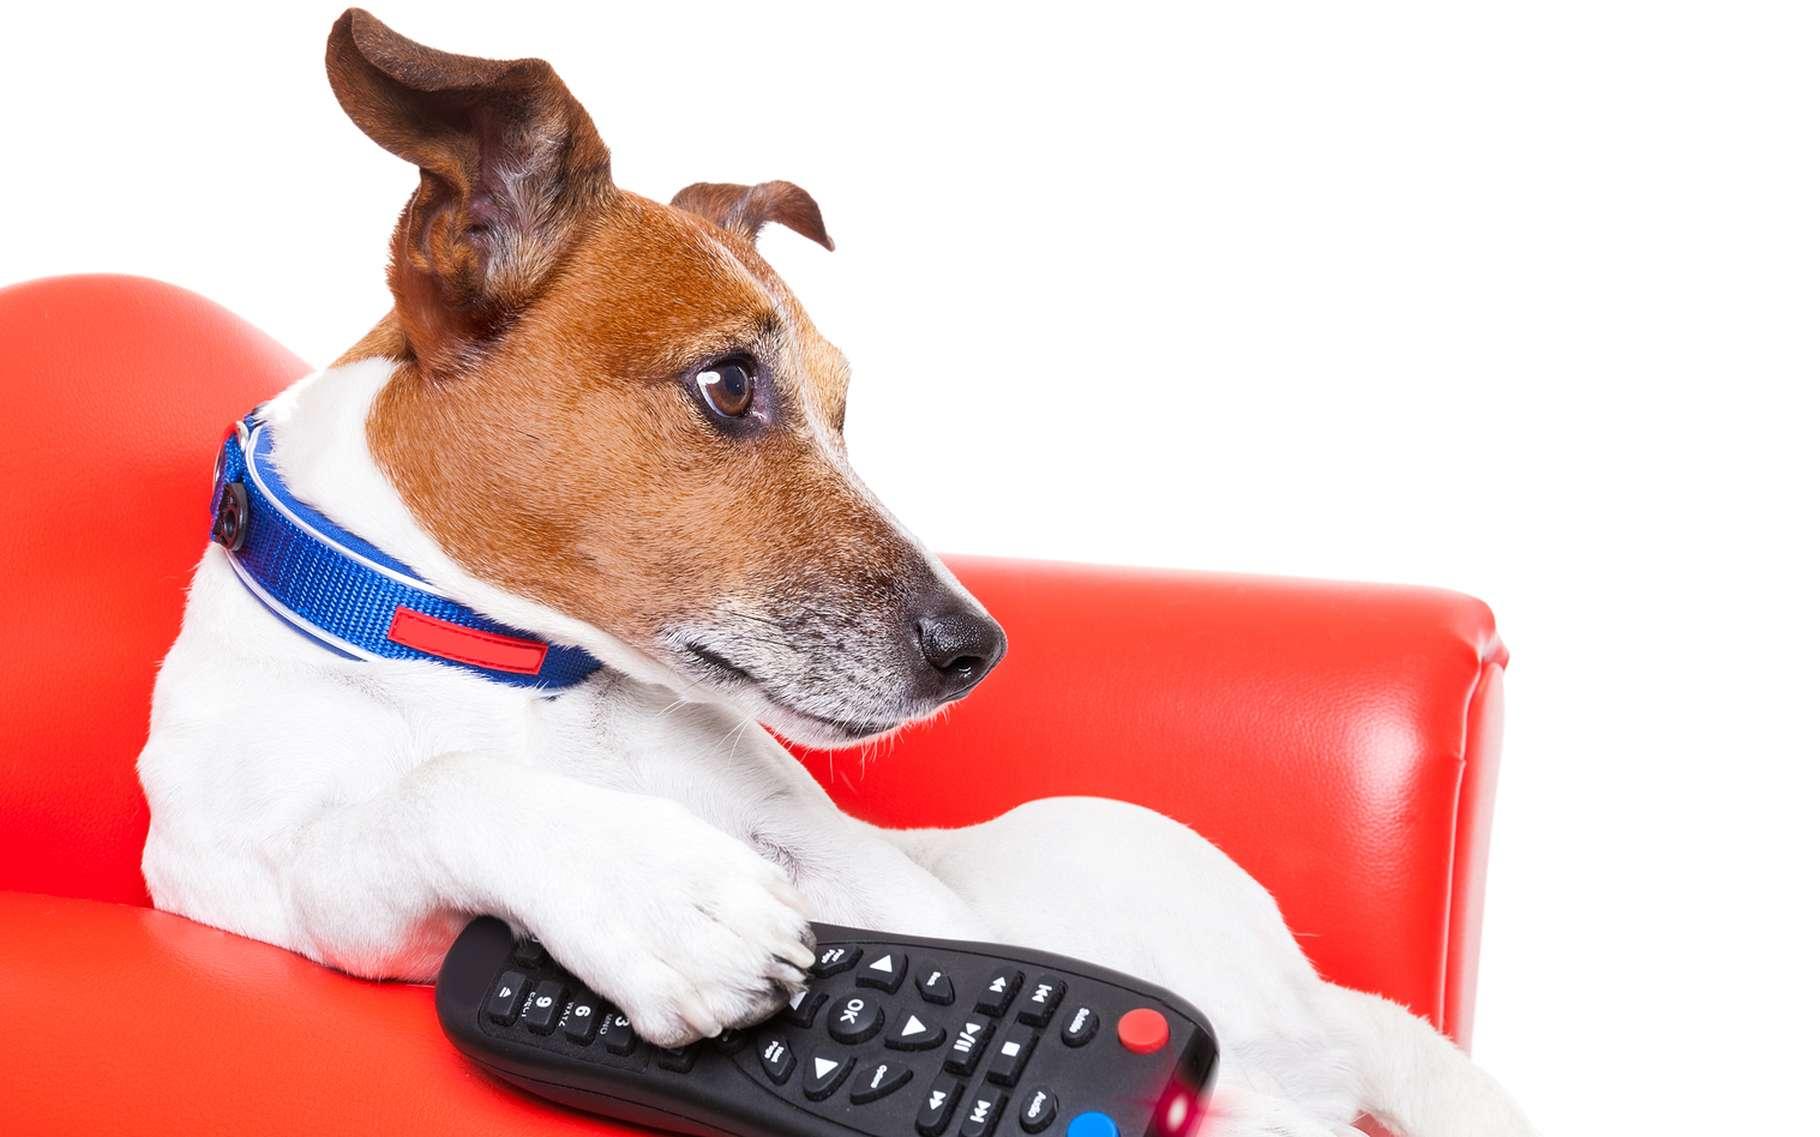 Devant la télé, s'ils savaient manier la télécommande, les chiens seraient des zappeurs invétérés. © Javier Brosch, Shutterstock